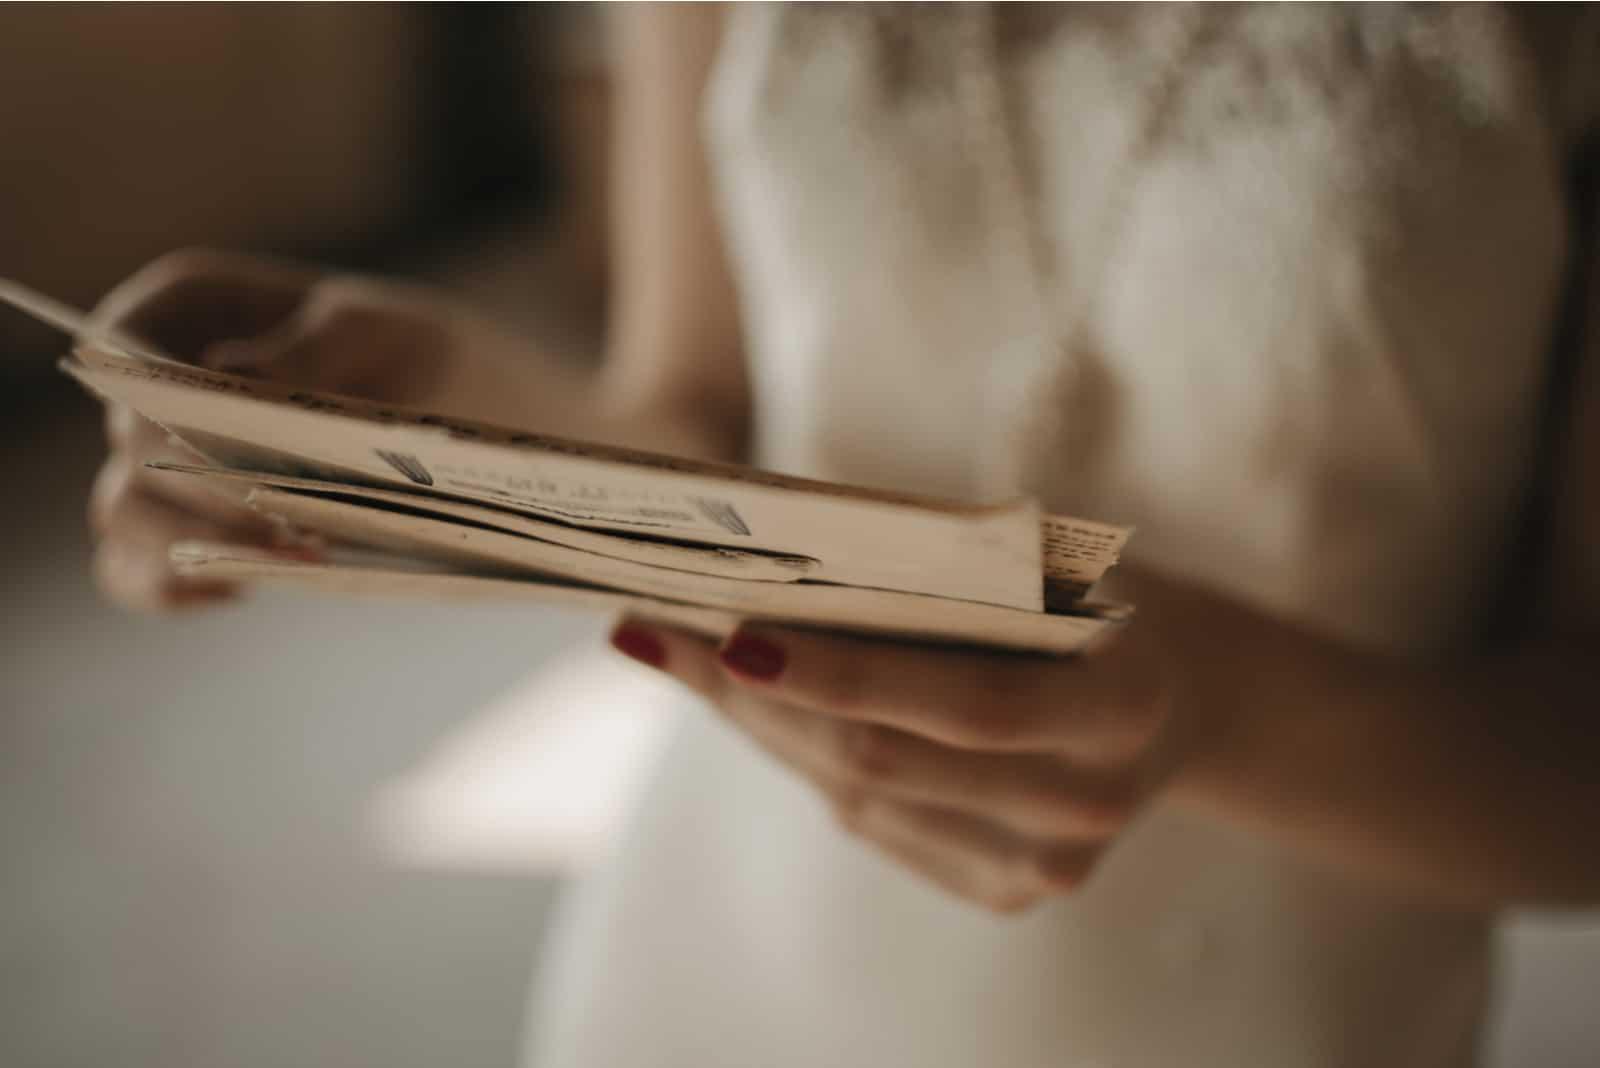 Ein Mädchen, das einen Stapel alter Briefe hält